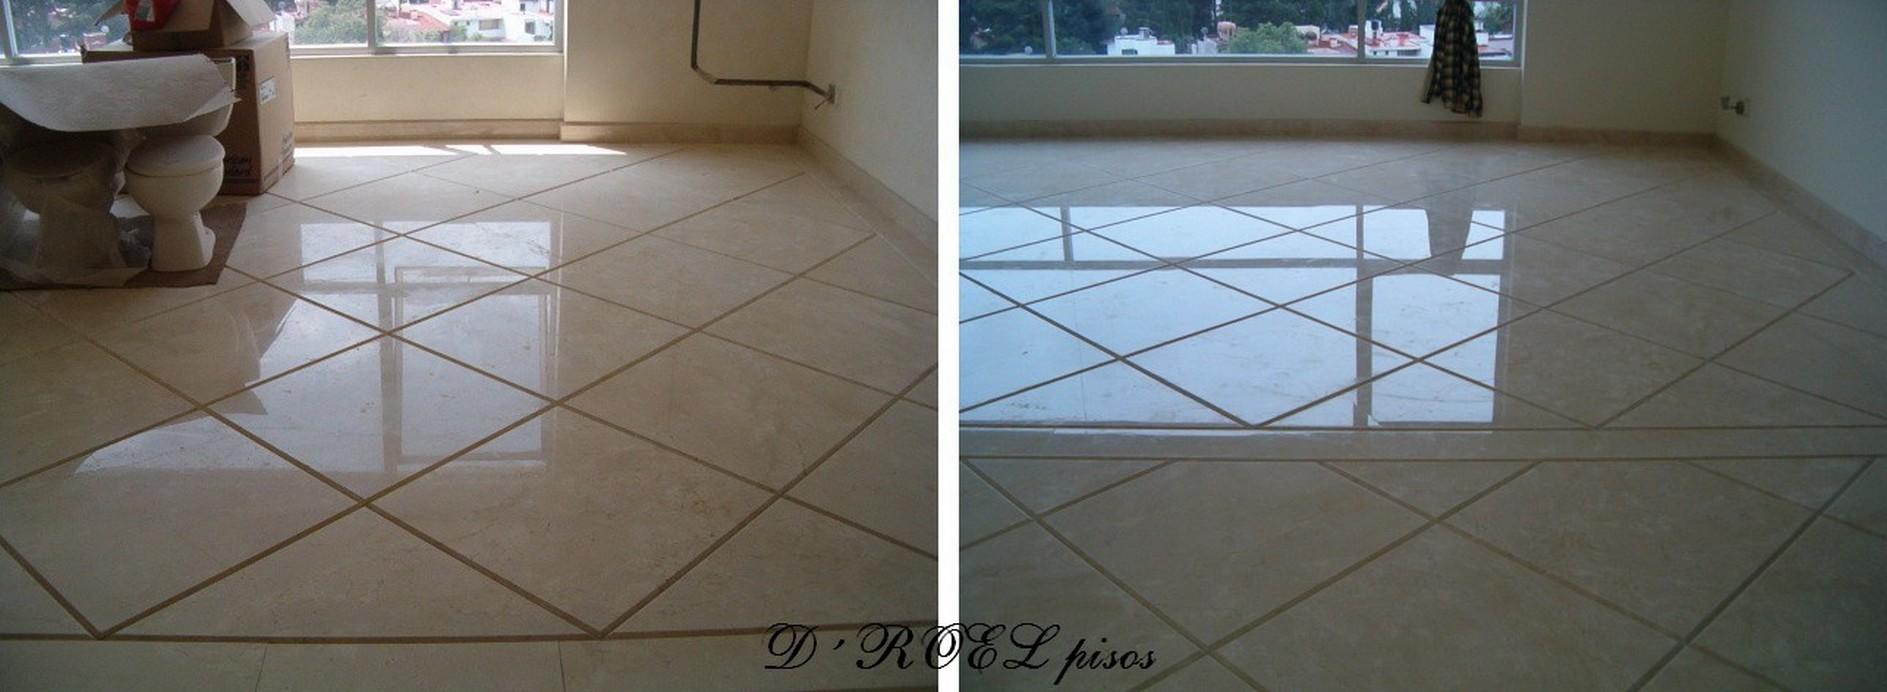 Pulido de pisos de marmol presupuestos gratis for Como pulir marmol